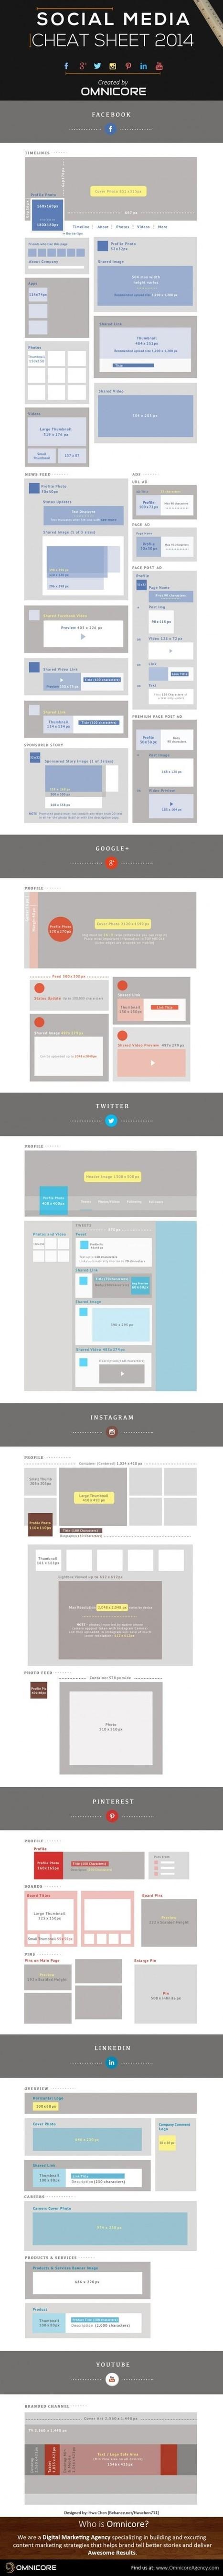 Le guide ultime des dimensions sur les médias sociaux 2014 | Les associations, Internet, et la communication | Scoop.it